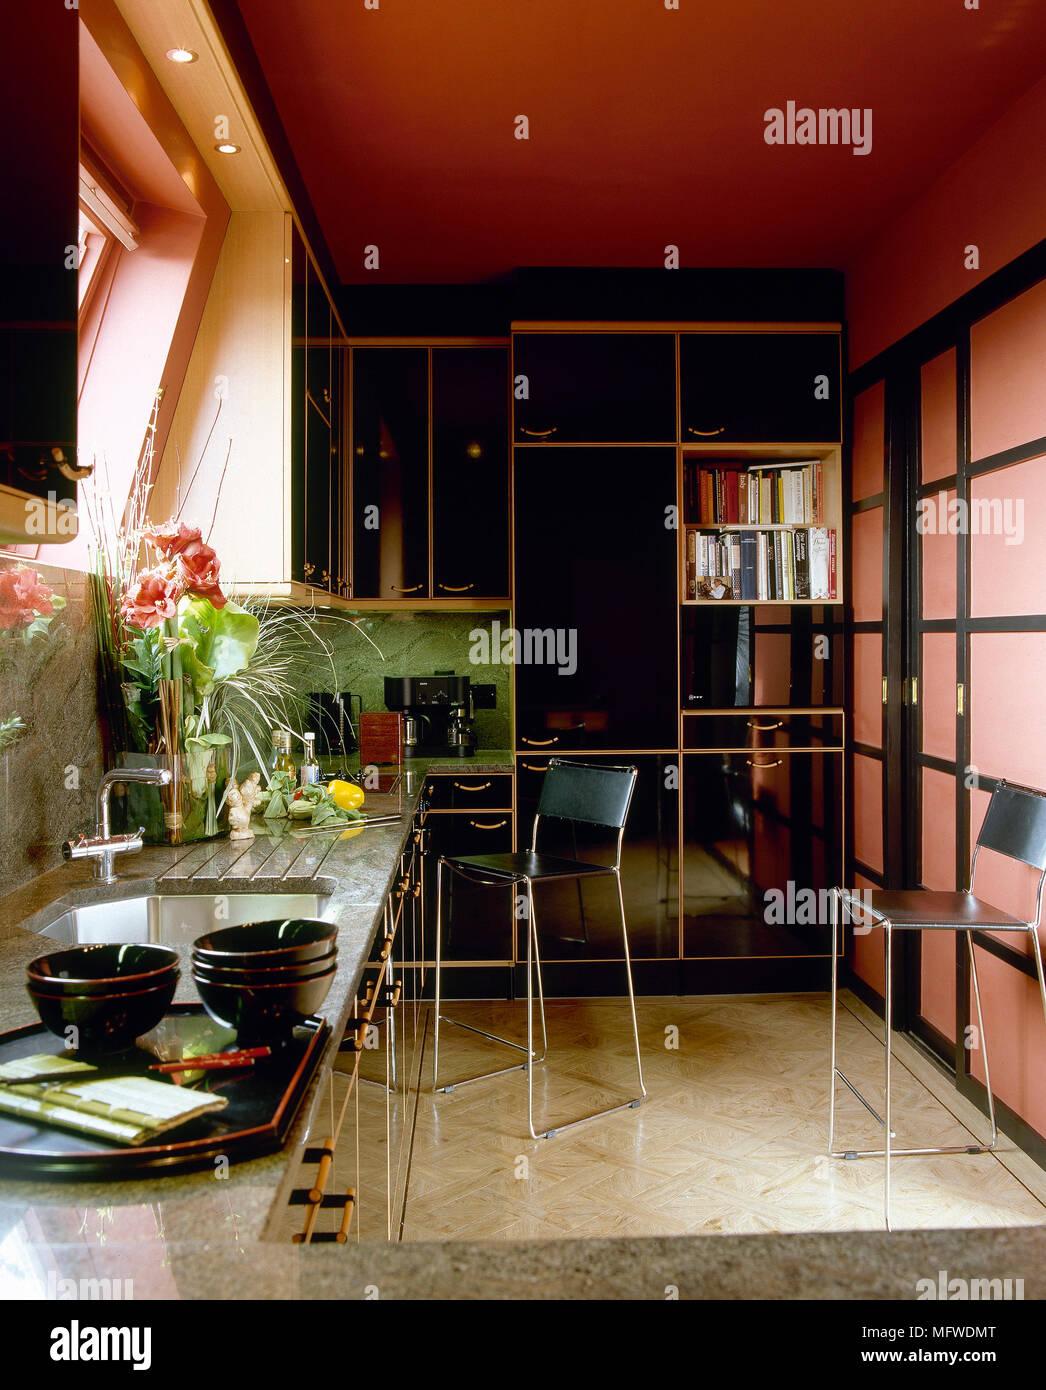 Rote Küche mit Spüle aus Granit Arbeitsplatte, Hocker, Chrom ...